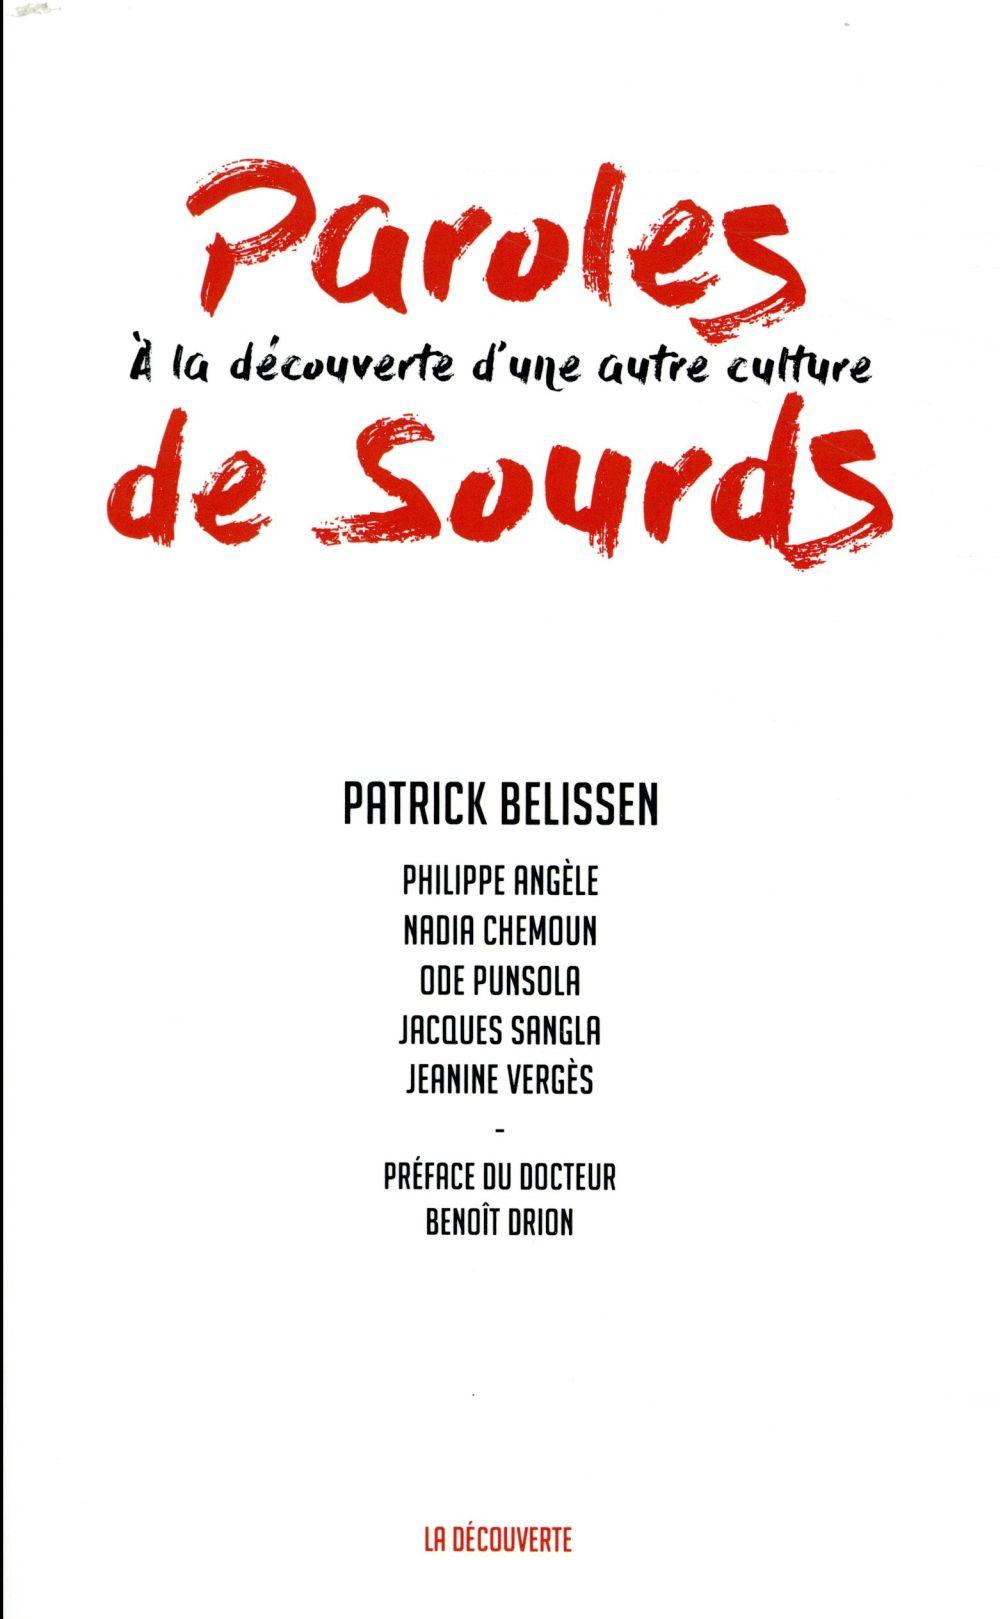 PAROLES DE SOURDS : A LA DECOUVERTE D'UNE AUTRE CULTURE